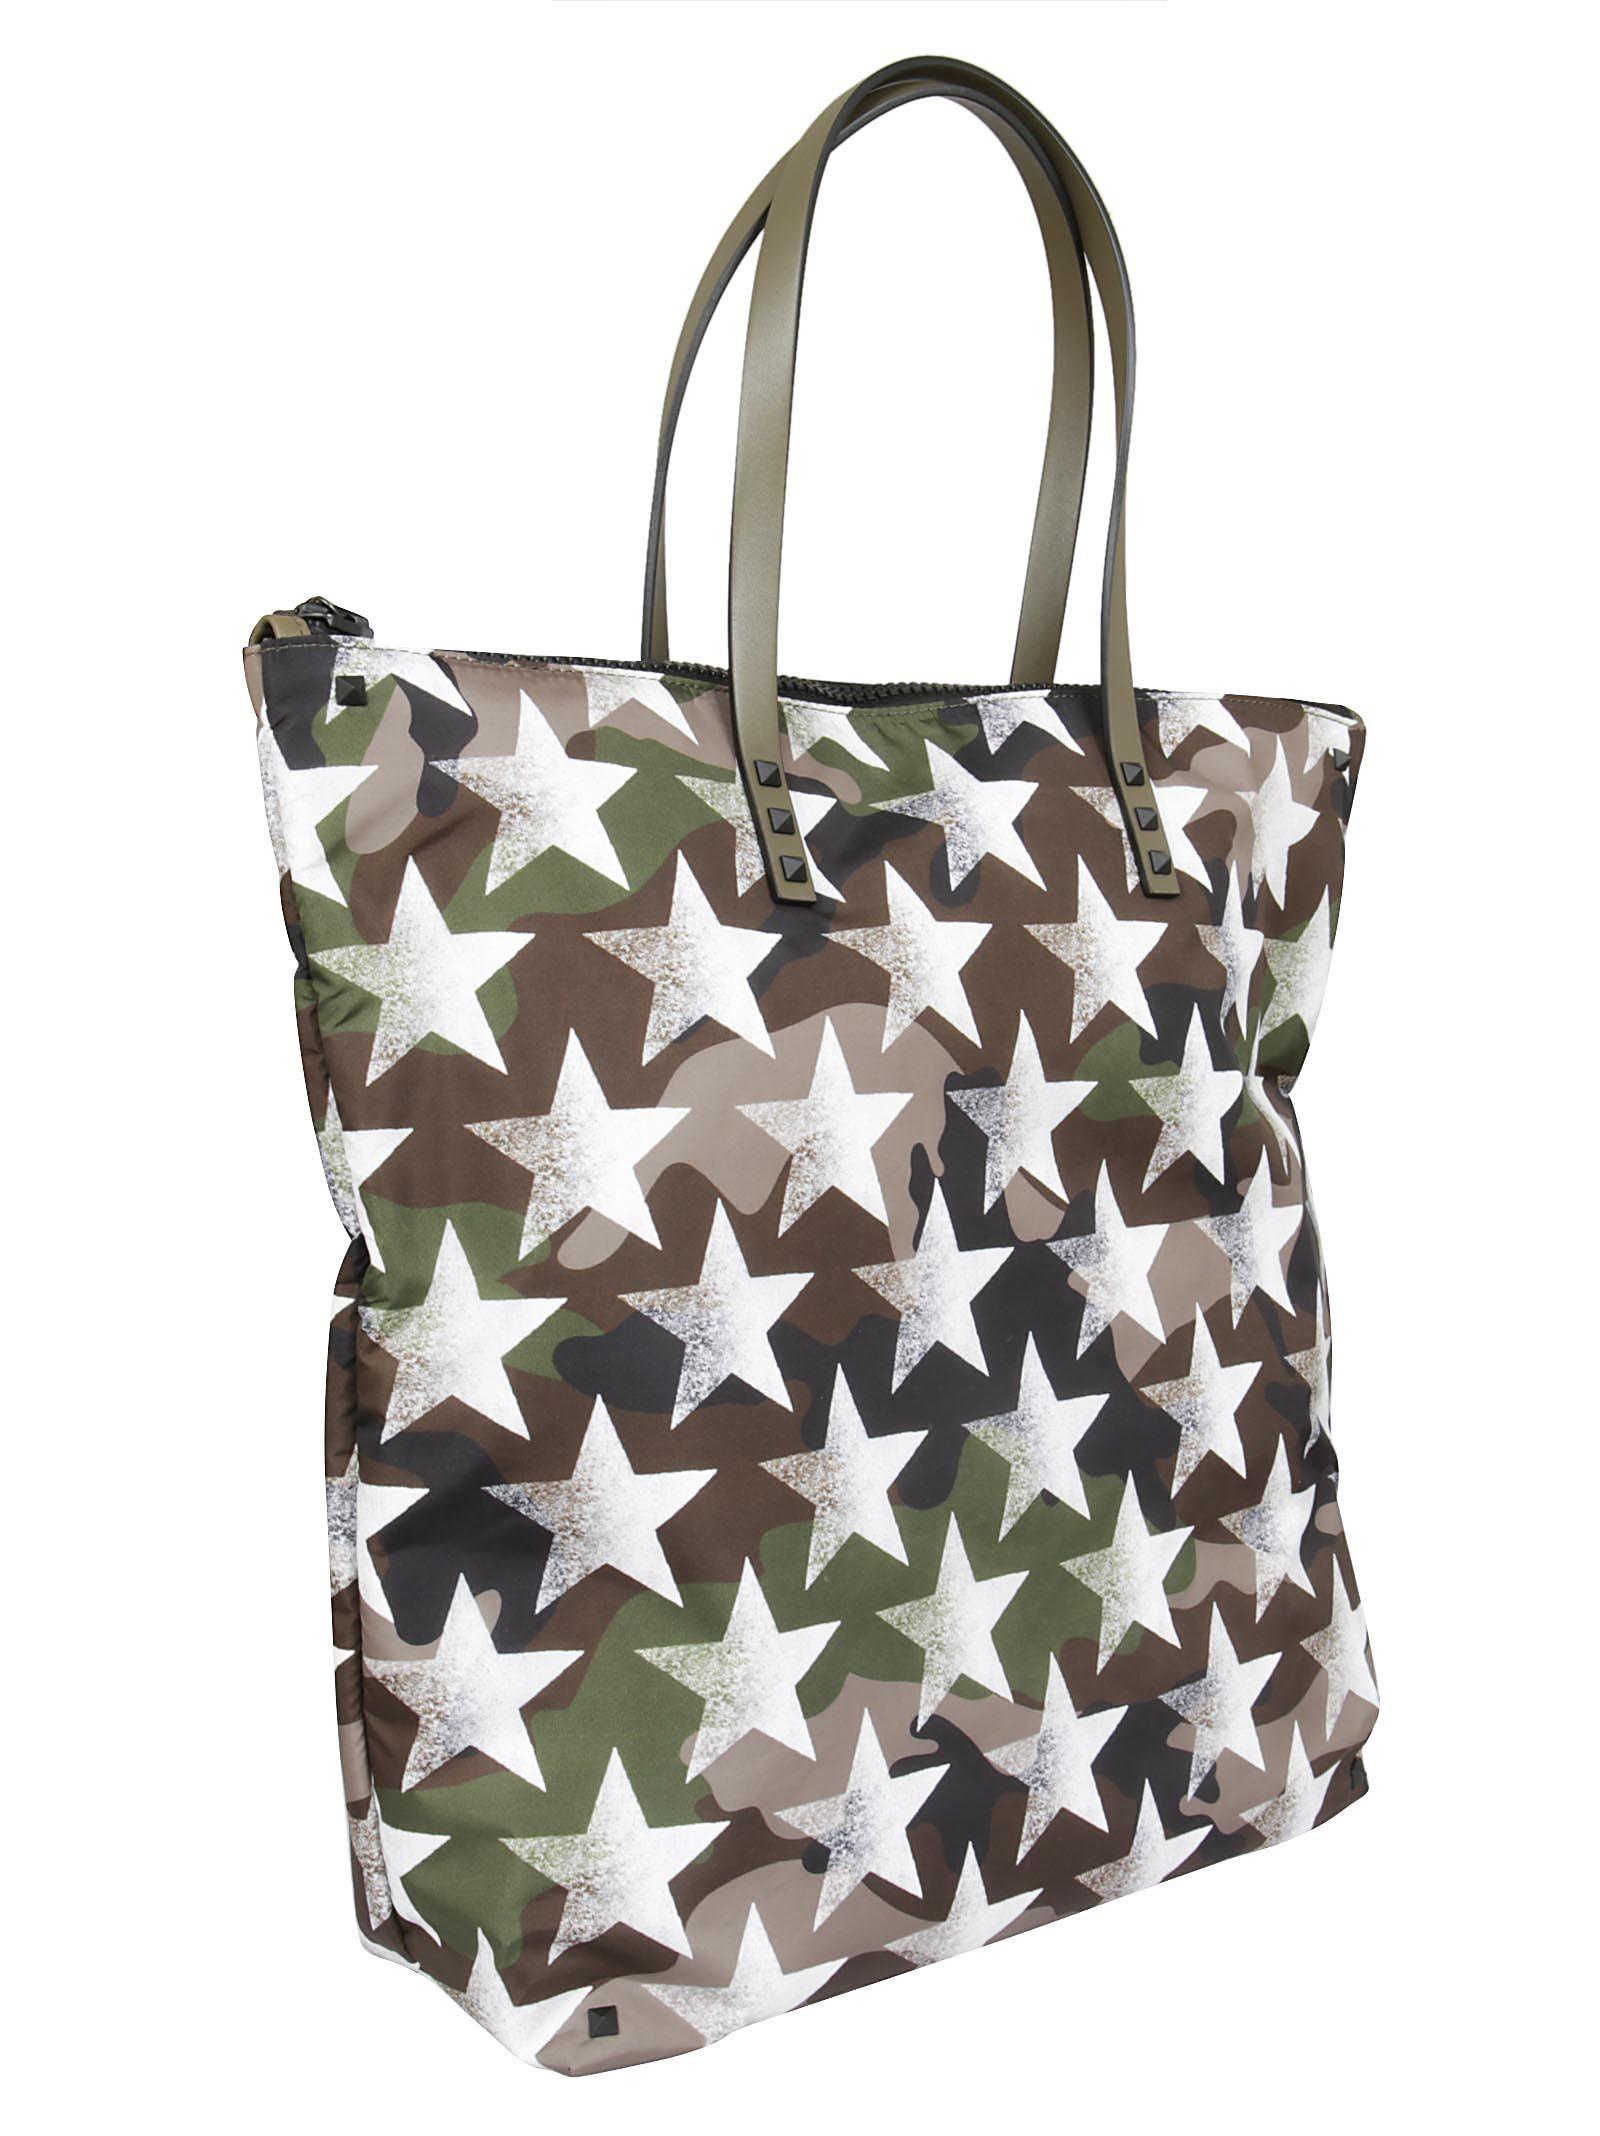 Valentino Garavani Rockstud Camustars Shopper Bag